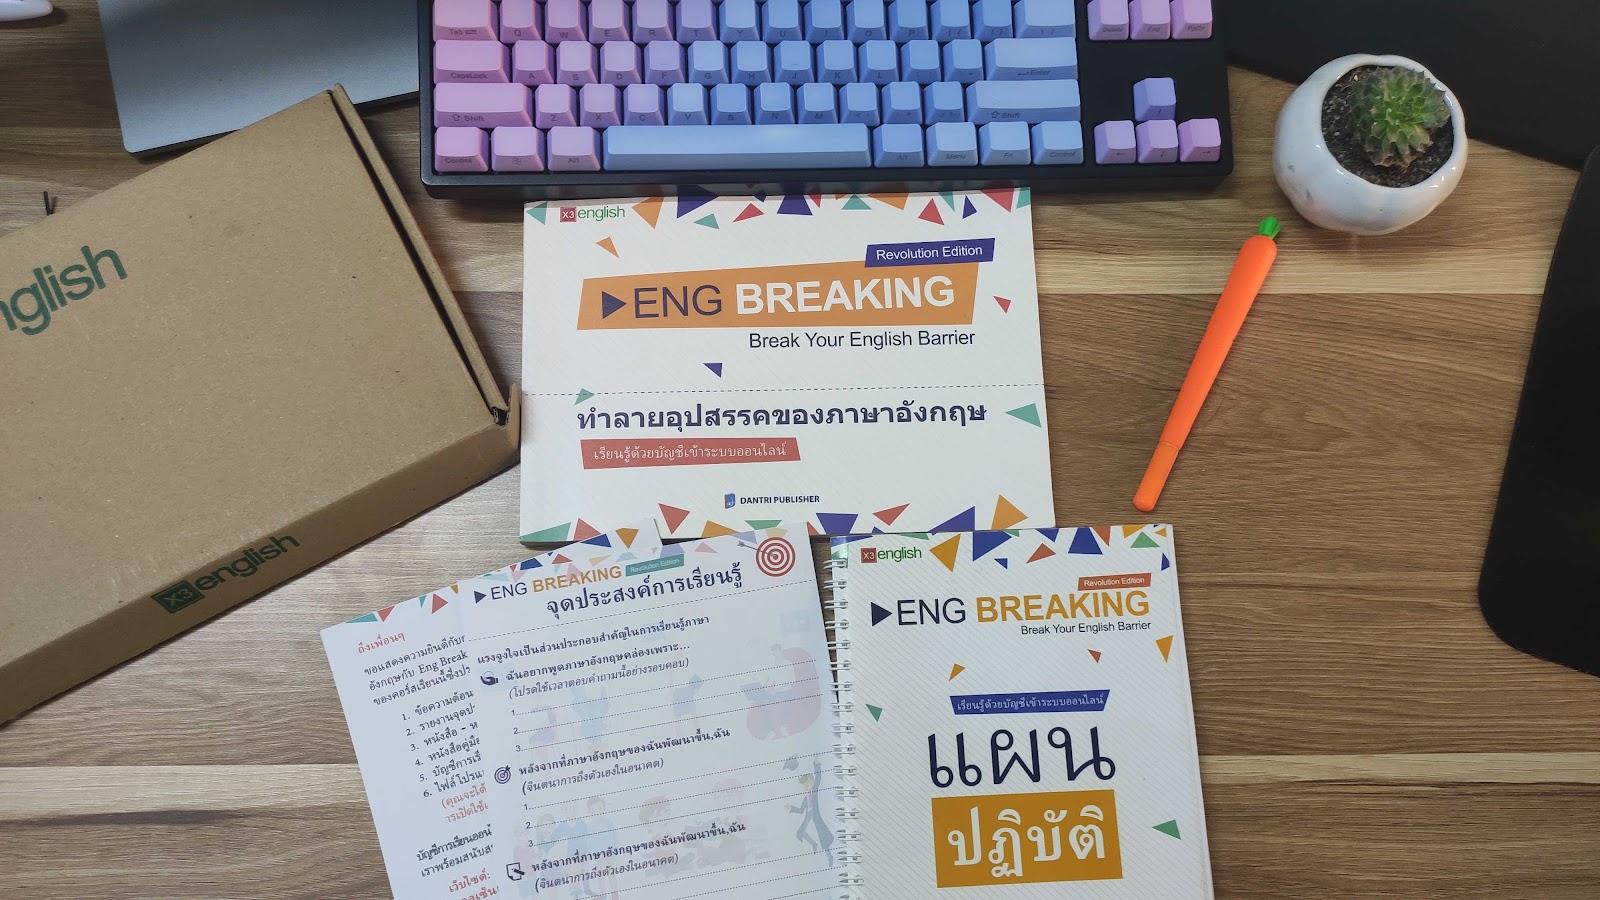 ชุดหนังสือเรียนภาษาอังกฤษด้วยตัวเอง Eng Breaking อยู่บนโต๊ะ